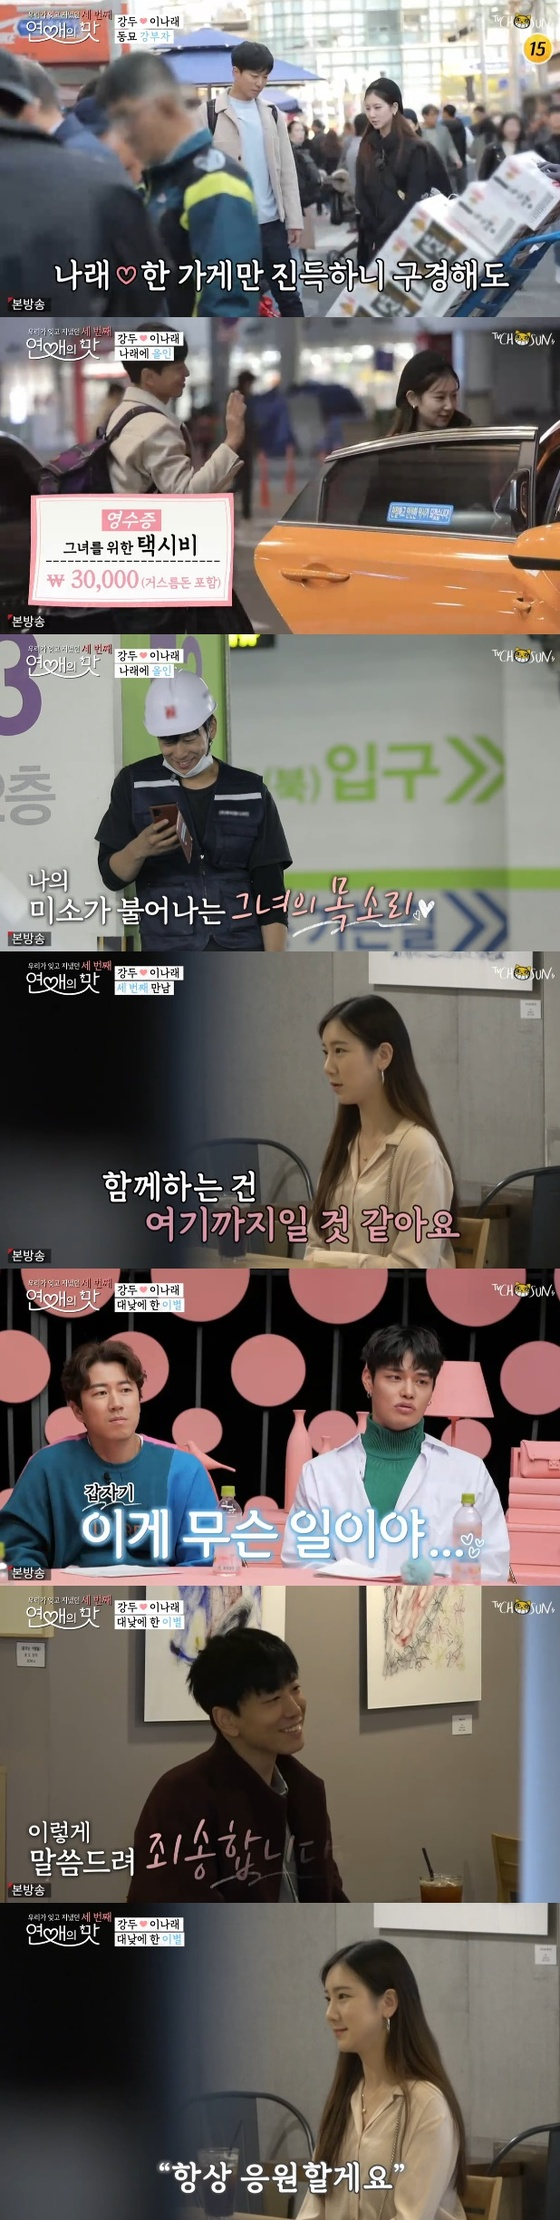 """'연애의 맛3' 이나래, 강두에 이별 통보…""""함께하는 건 여기까지""""(종합)"""